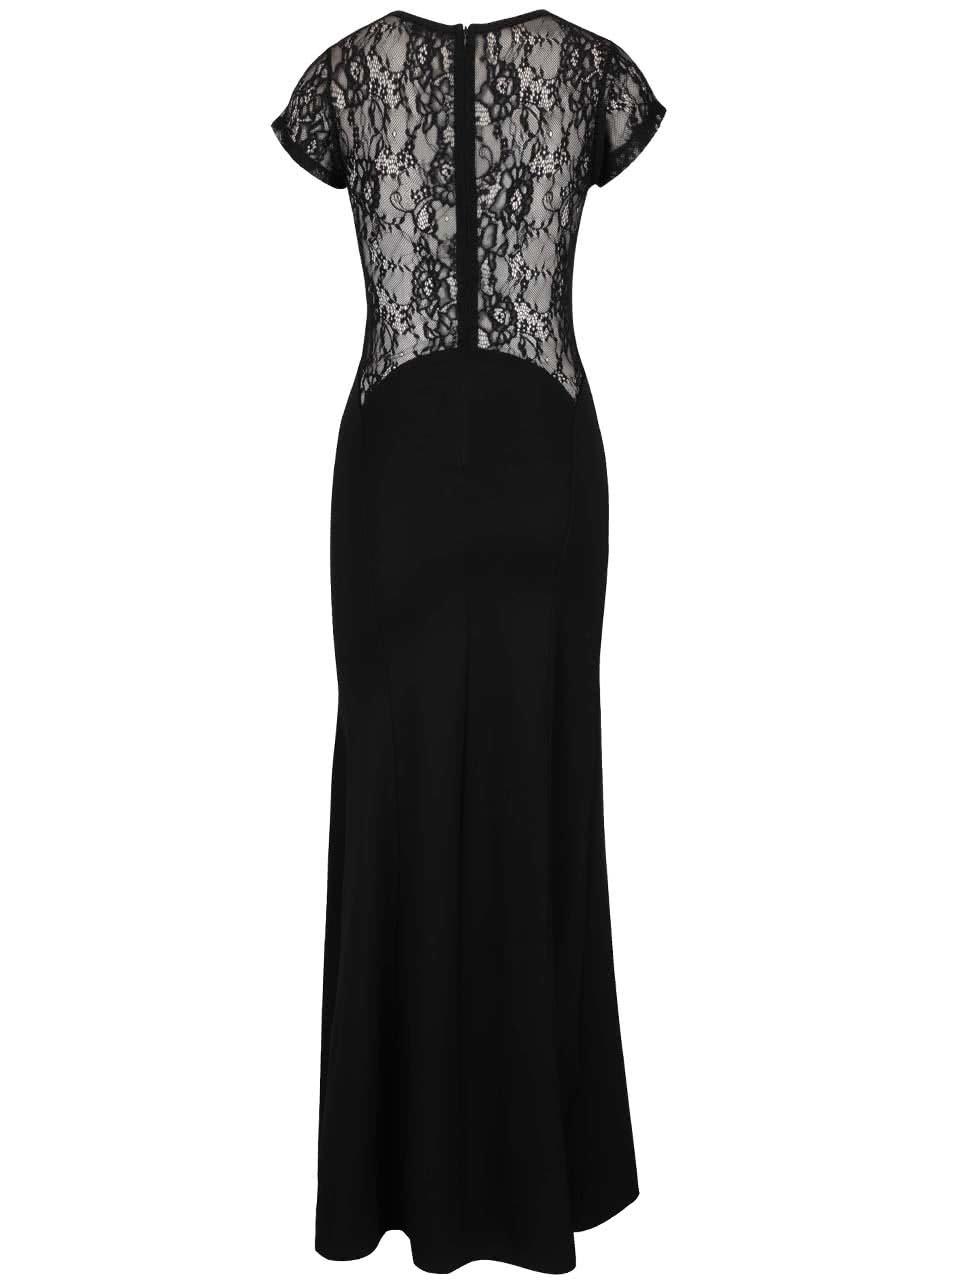 Černé dlouhé šaty s krajkovými detaily TALLY WEiJL ... d310e8f357